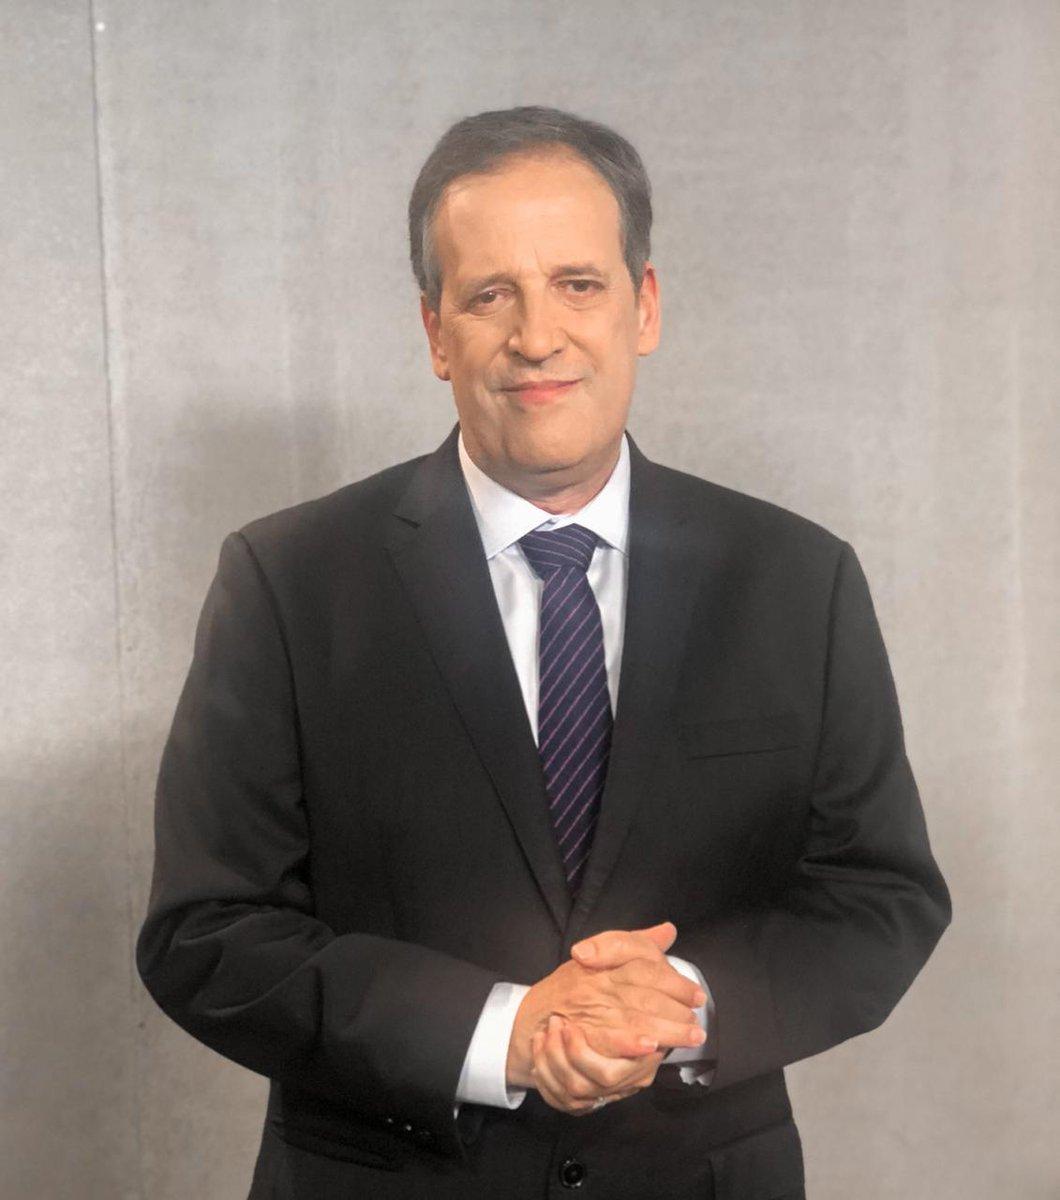 Sob o comando de Sérgio Gabriel, o Jornal da Noite traz as principais notícias do Brasil e do mundo, de segunda a sexta-feira, à 00h30, na tela da Band TV @bandjornalismo #notícias #jornal #UmNovoOlhar #GrupoBandeirantes  #madrugada #jornalismo #meianoite #madruga https://t.co/E7m9pvjREk